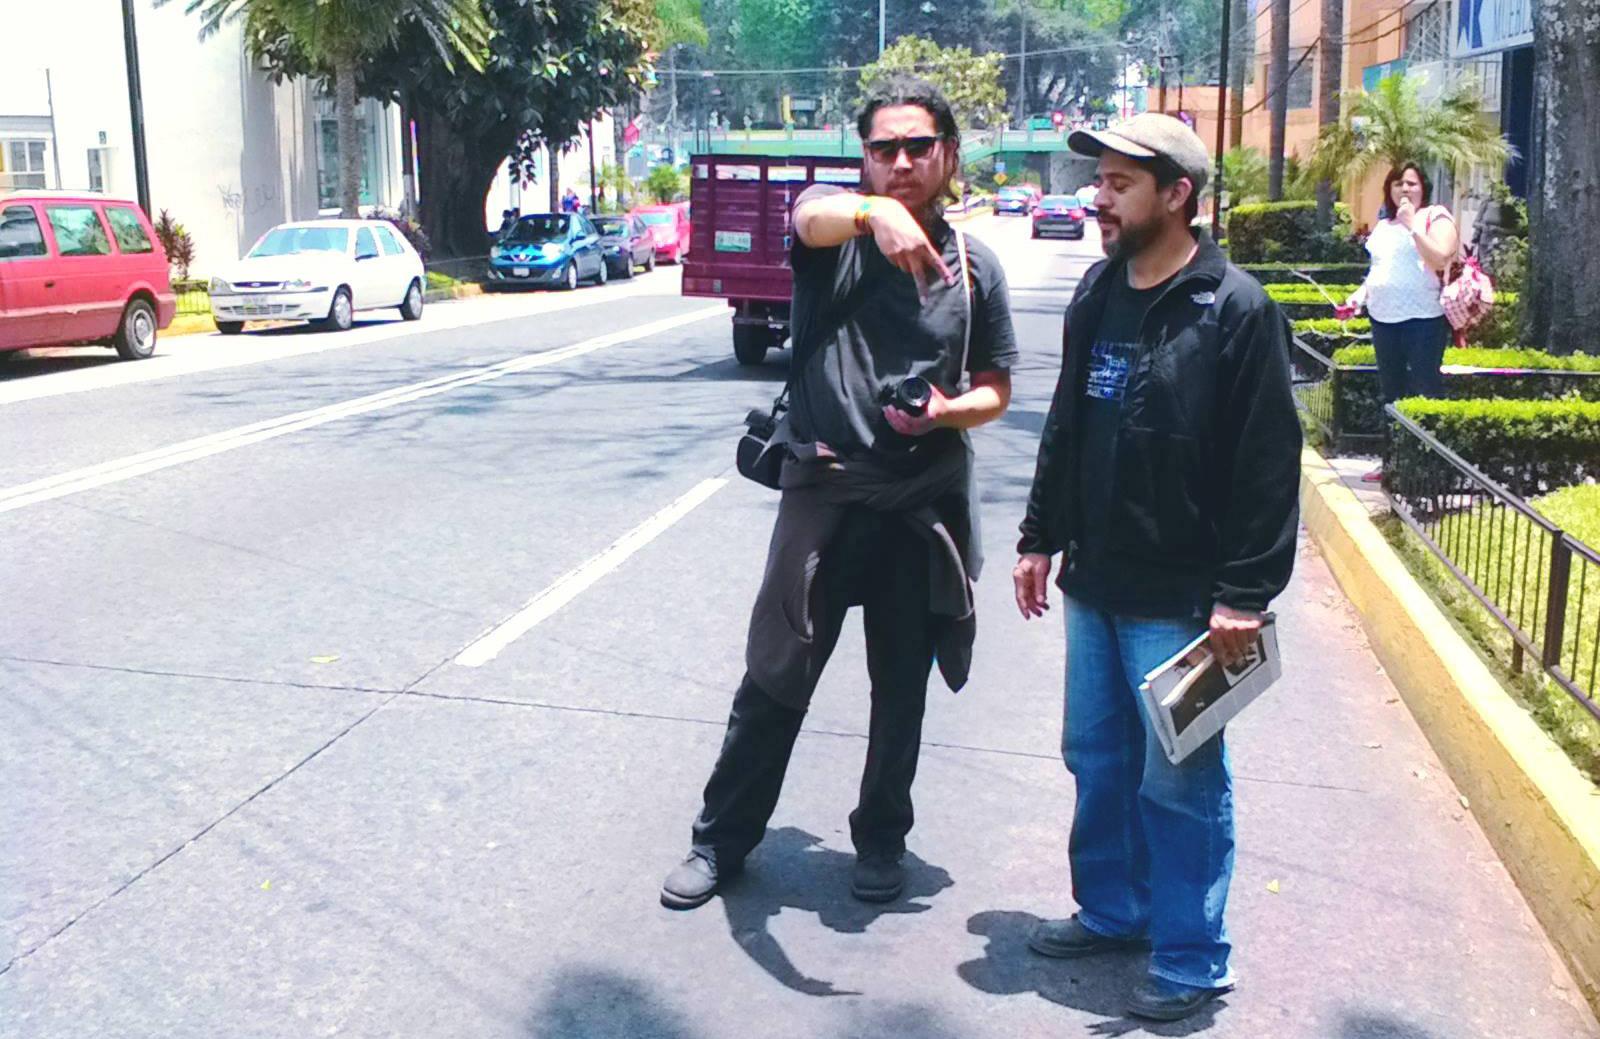 El equipo de reportaje de la revista en las calles mexicanas